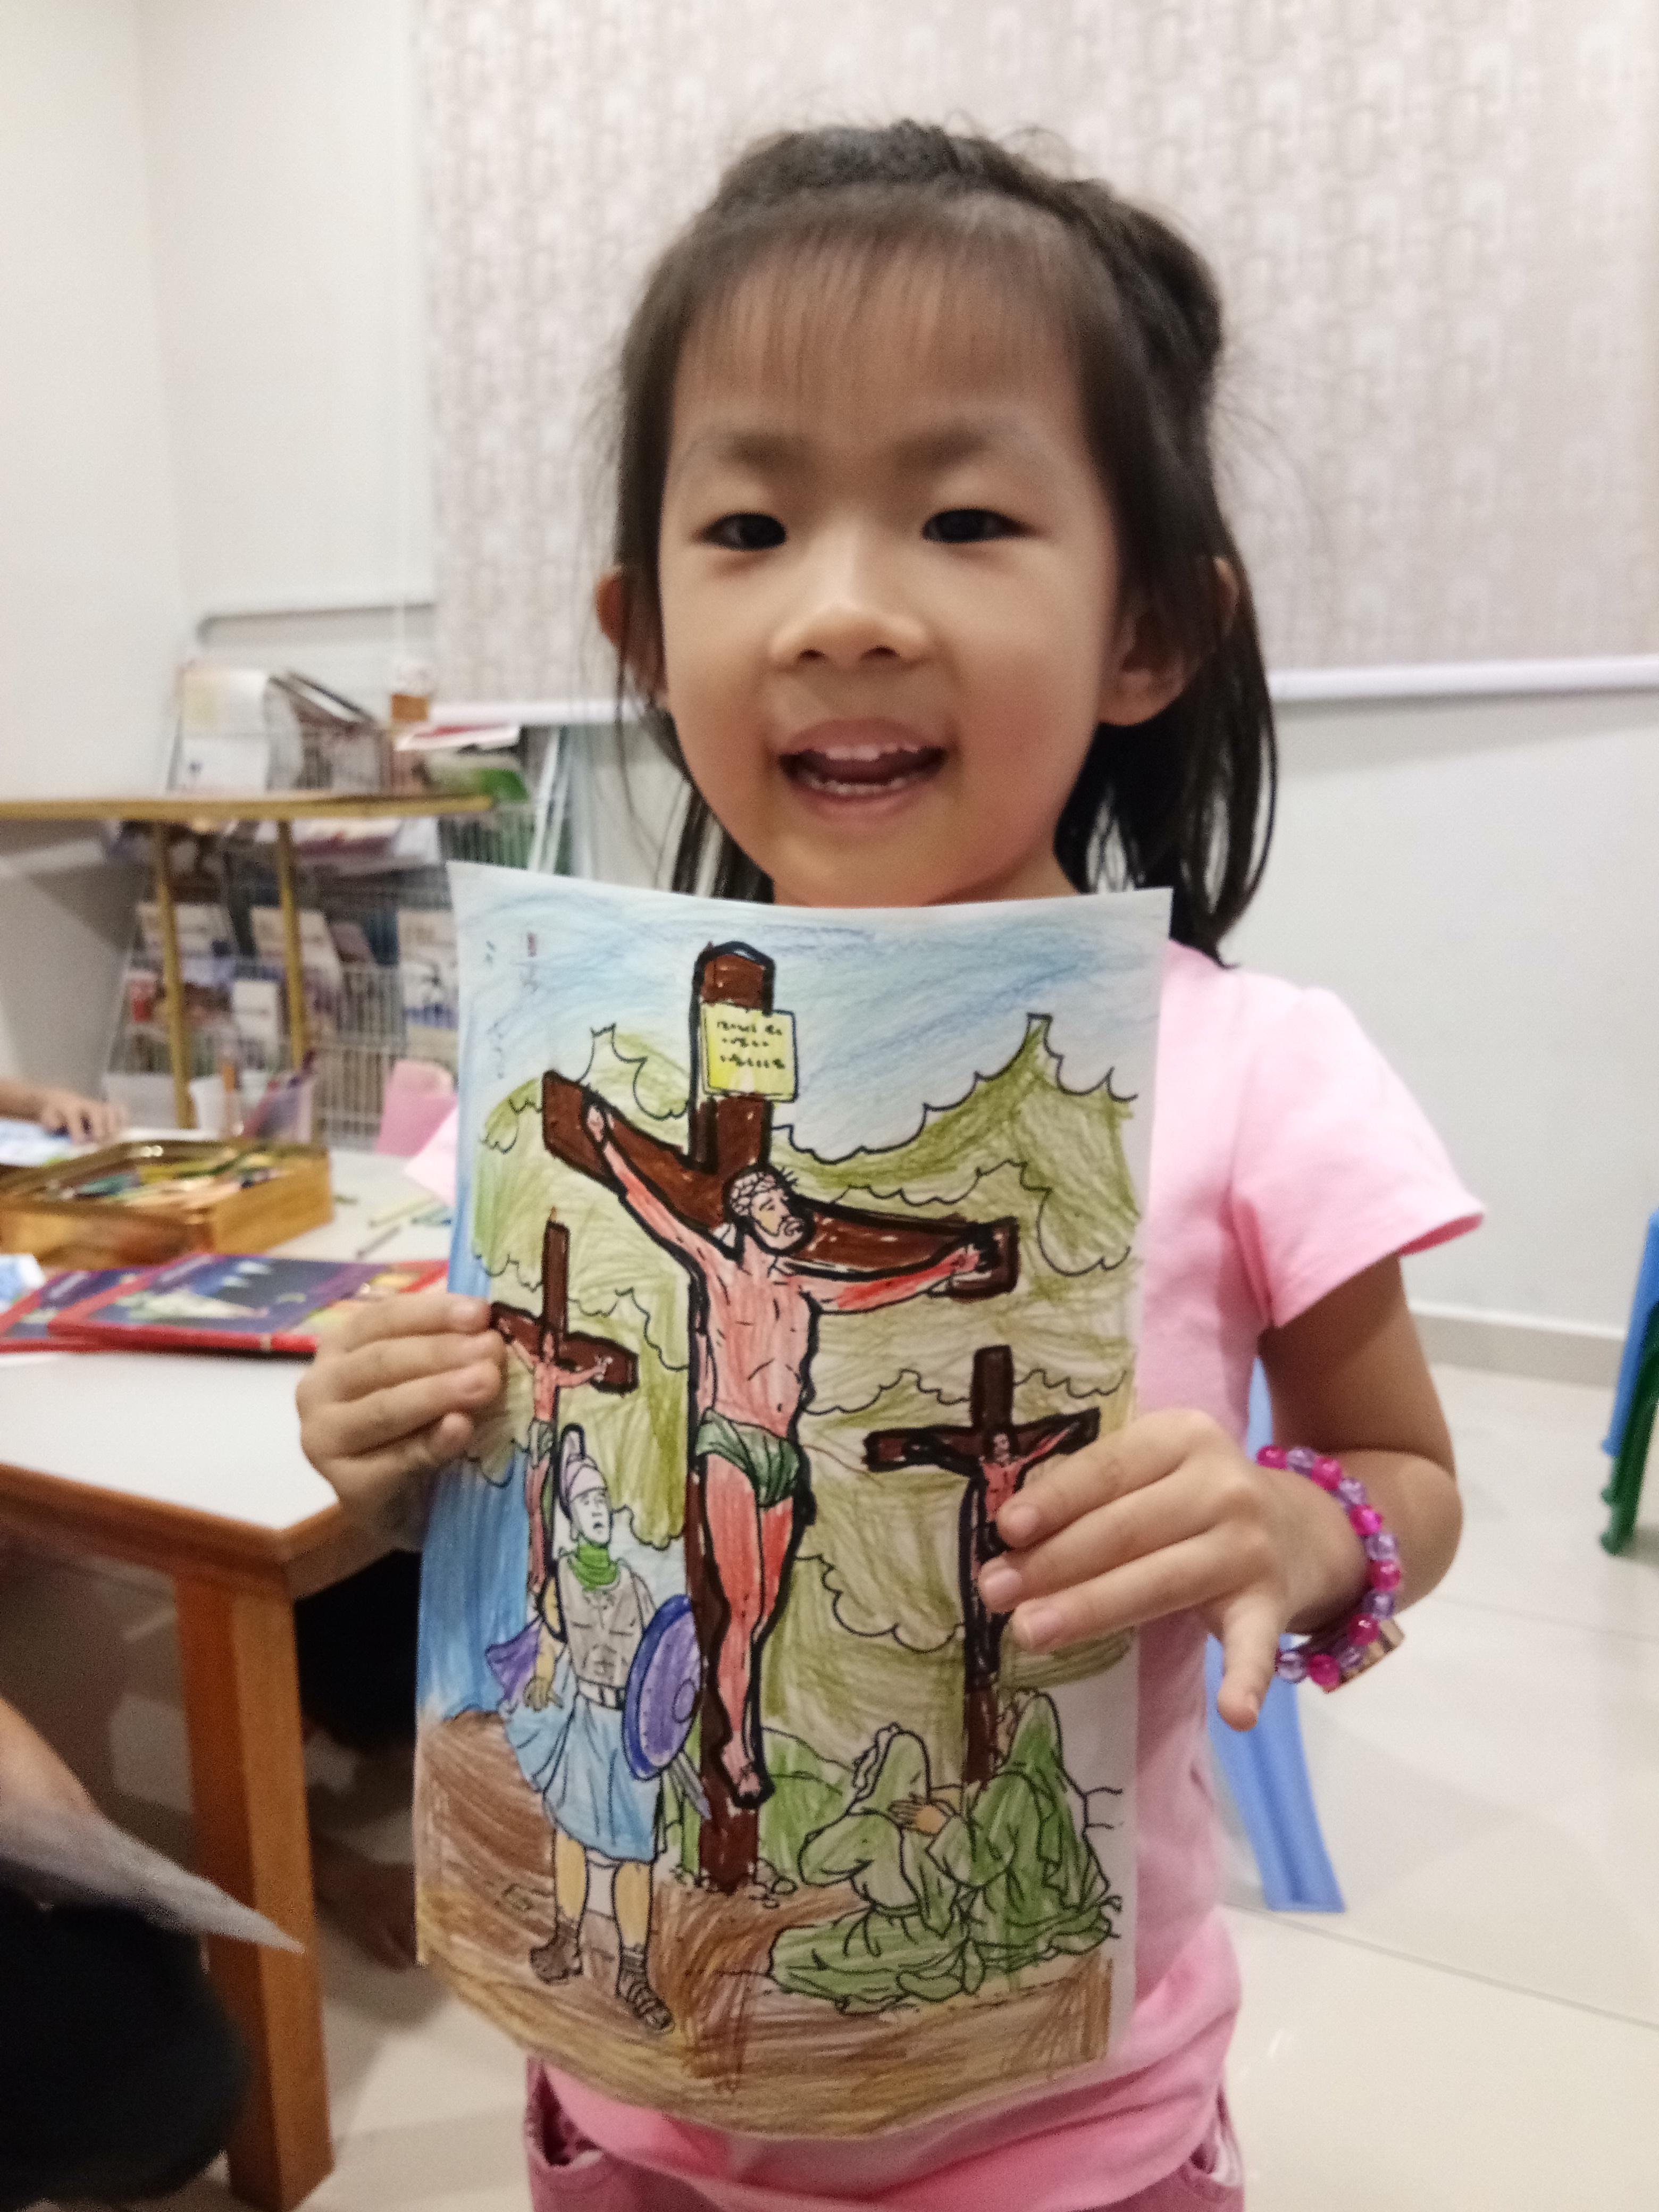 苏雅喜乐堂 里 崇拜时的儿童班 各各他 山上 的 三个十字架 耶稣与强盗 A01